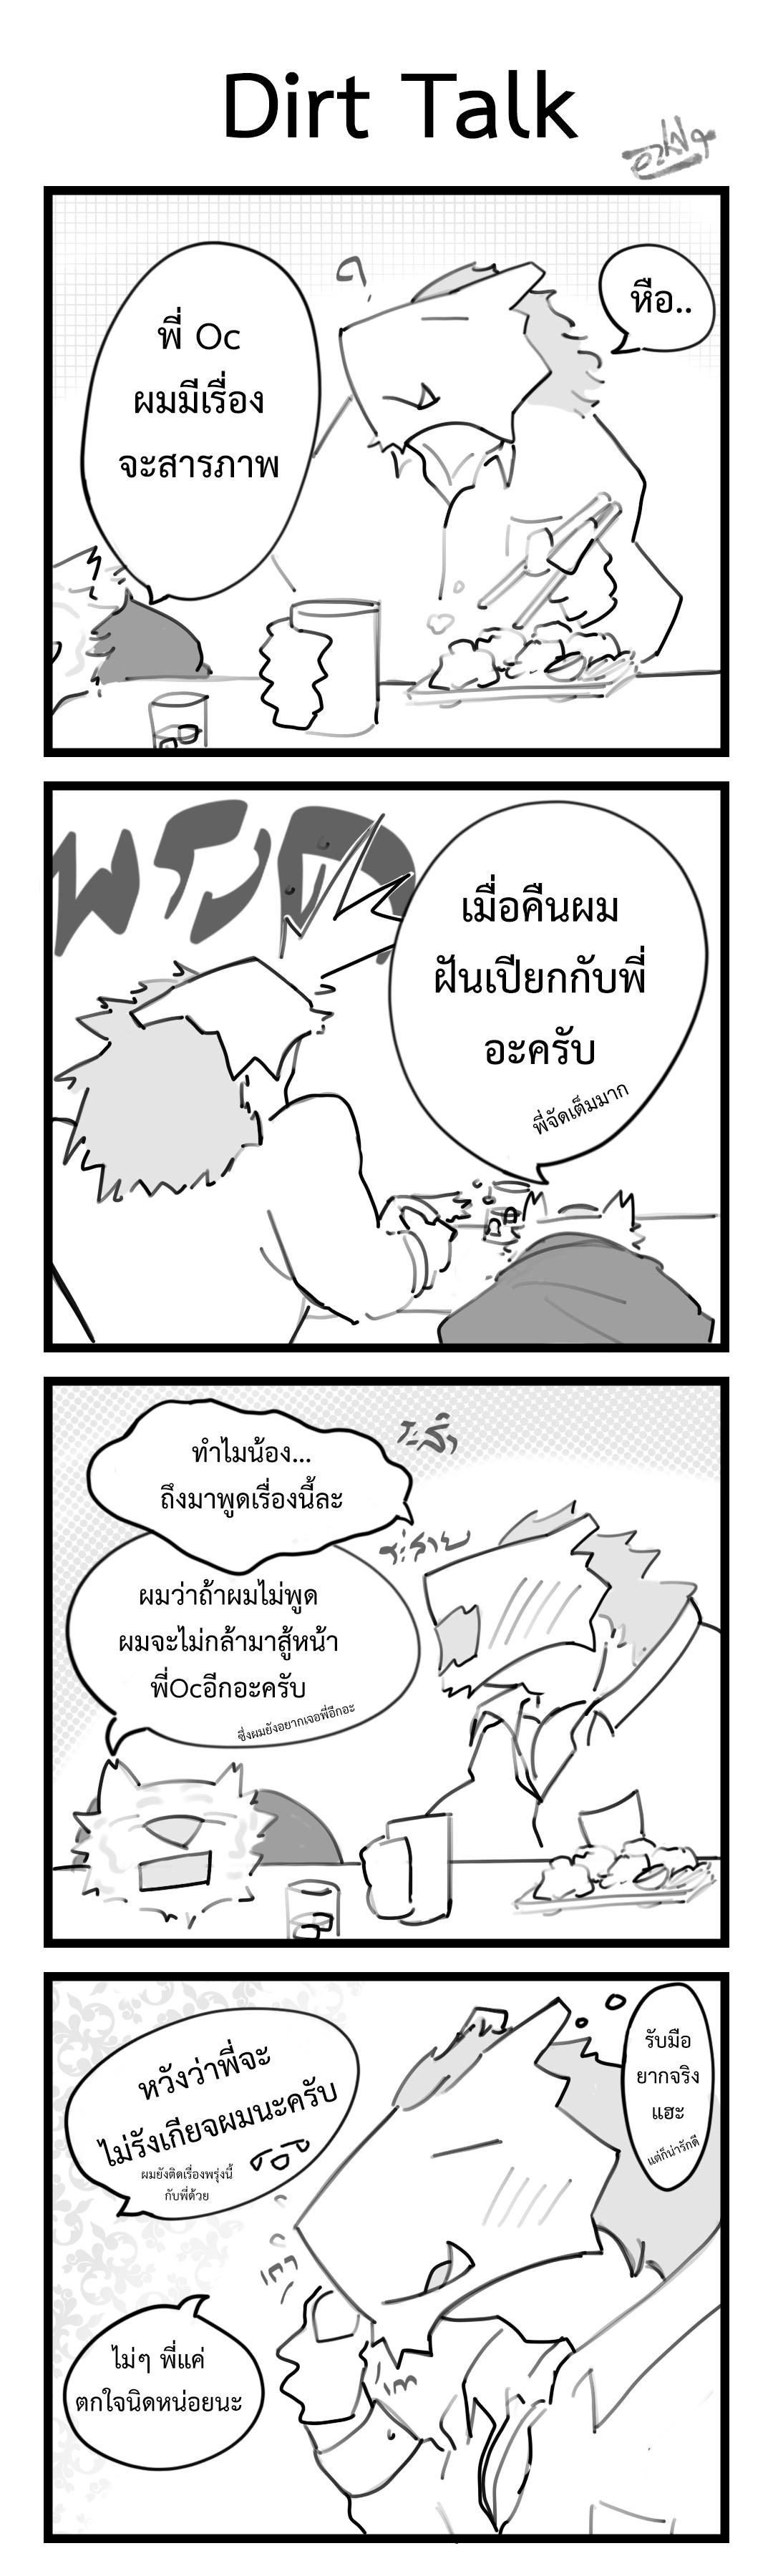 24 - Dirt Talk